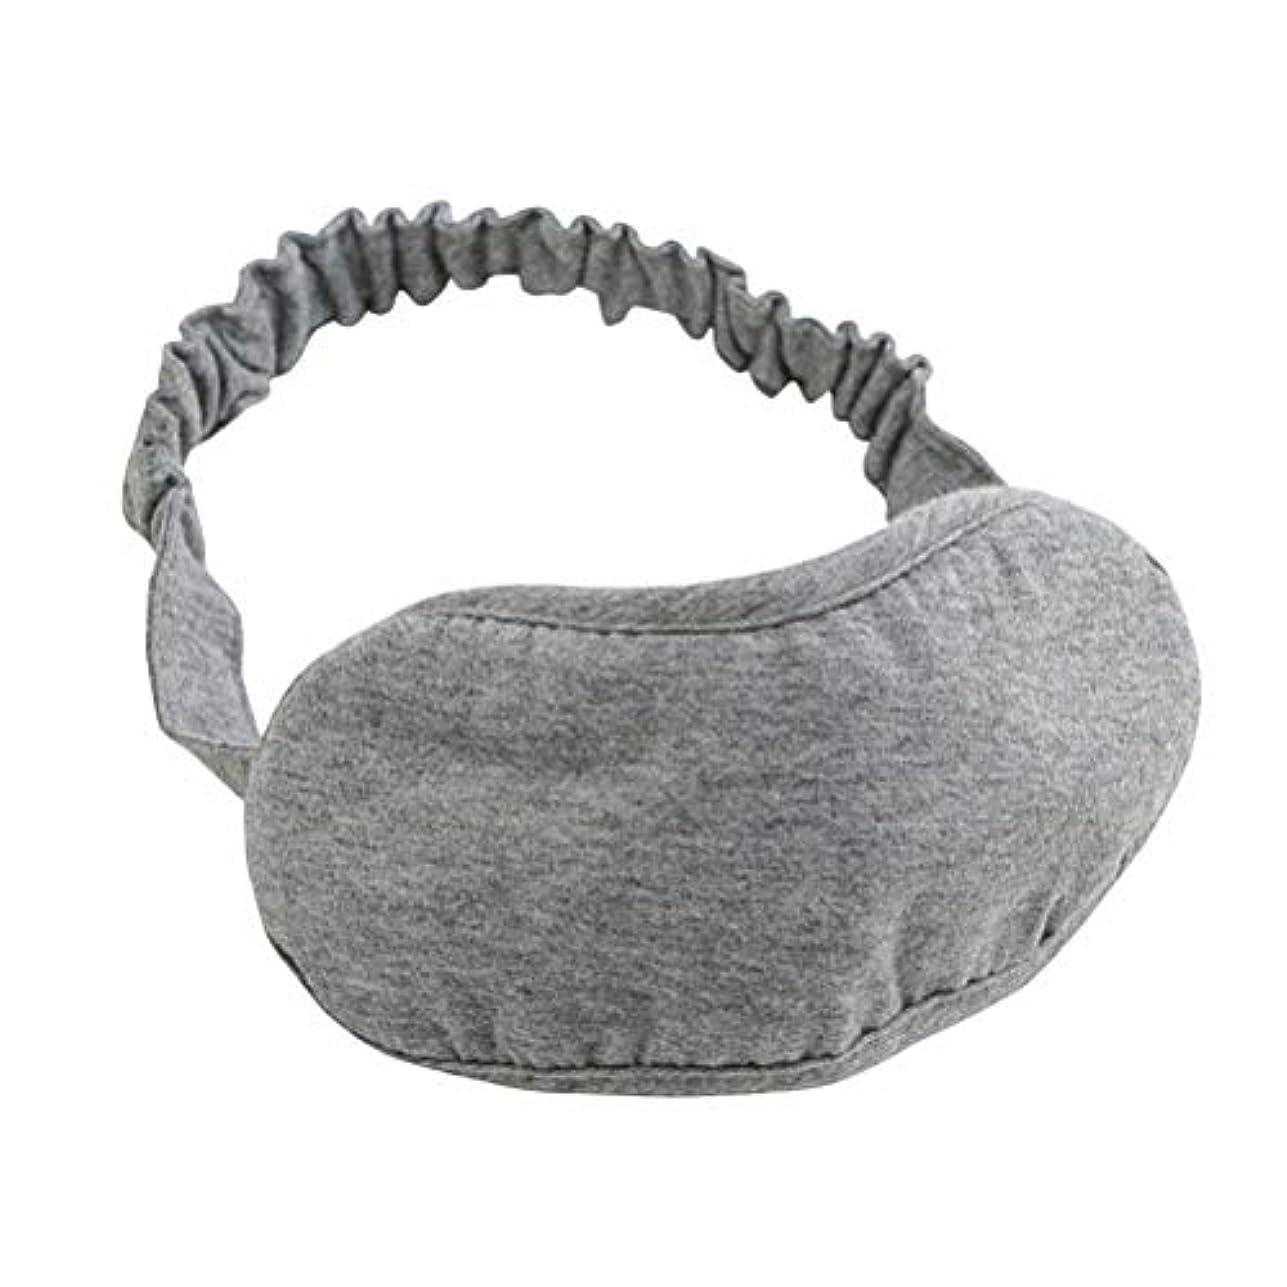 強打器官式SUPVOX 睡眠マスクコットンアイマスク厚手の目隠しアイカバー女性のための子供たちの子供ホームベッド旅行のフライトカーキャンプオフィス使用(グレー)